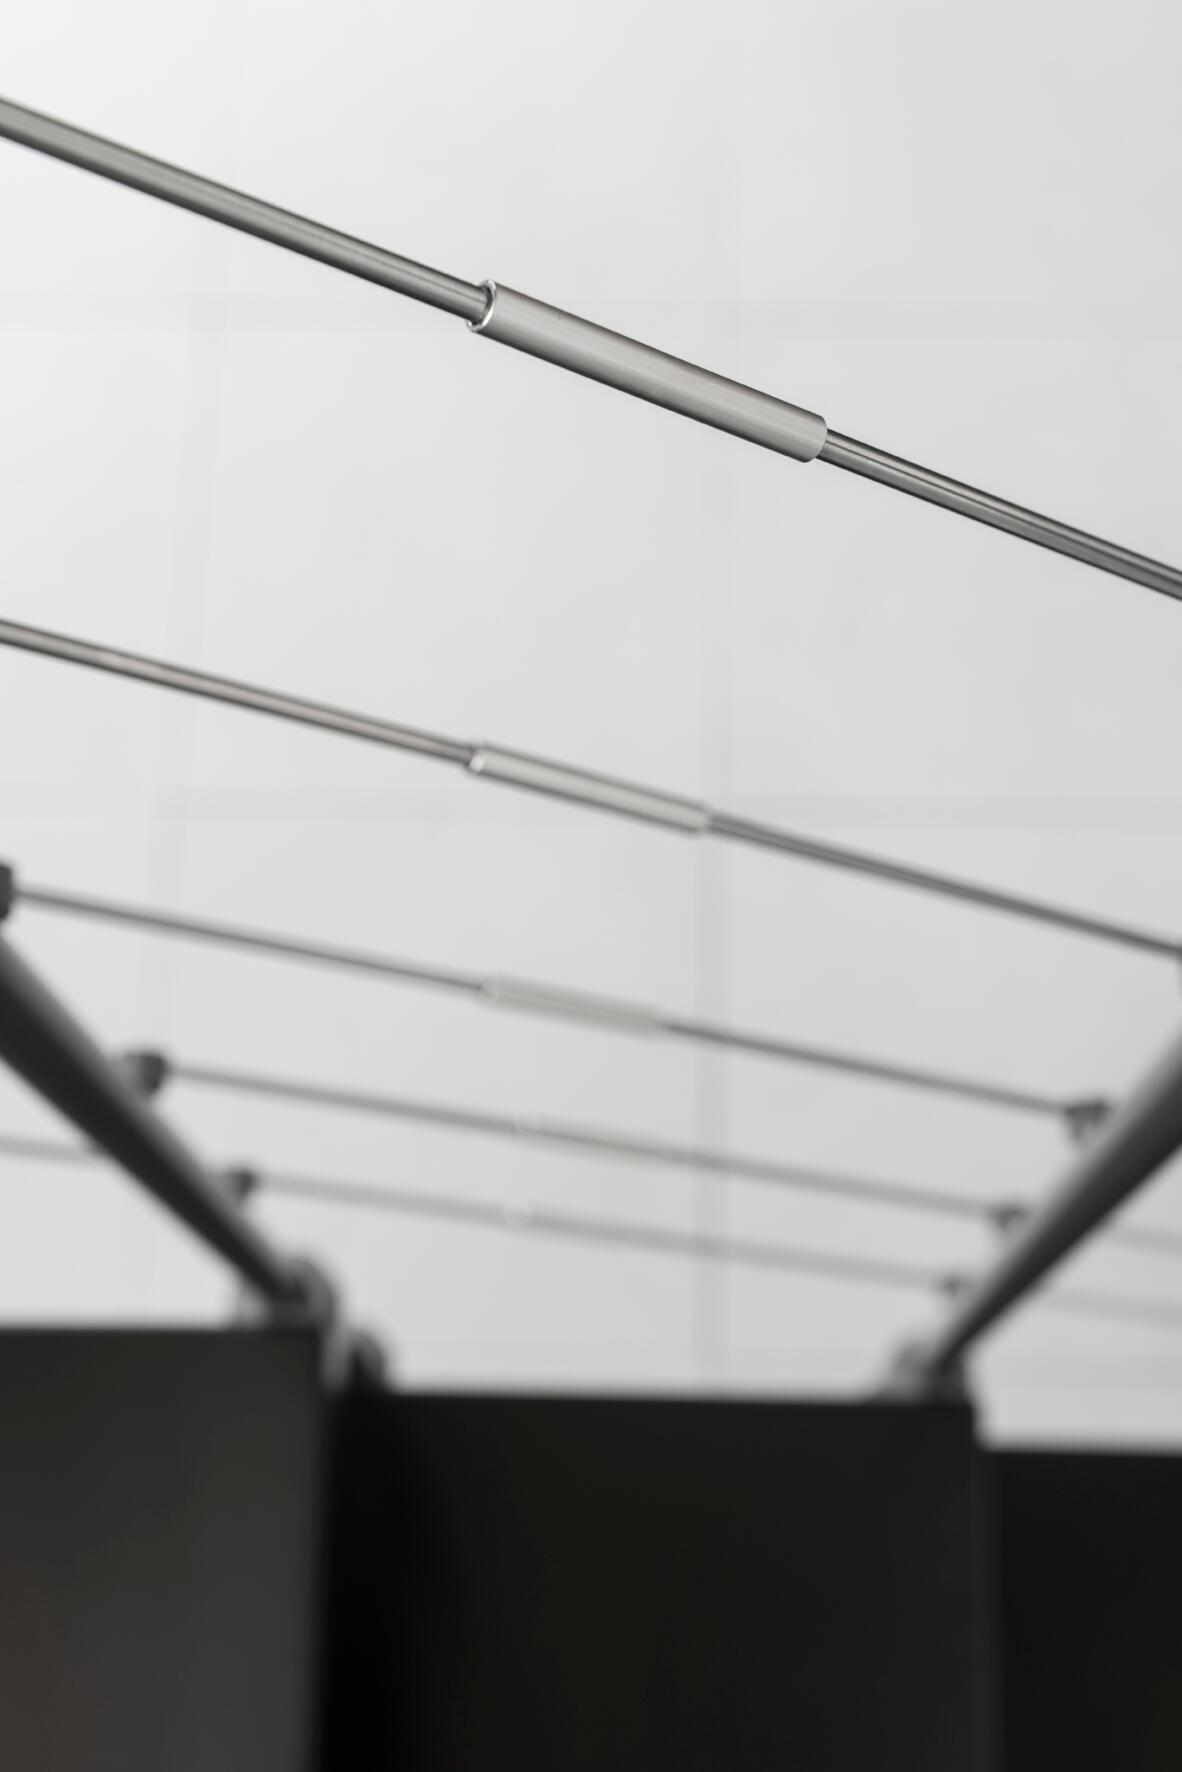 Scala a rampa 1/4 di giro Mas FONTANOT L 85 cm, gradino grigio antracite scuro, struttura antracite - 26